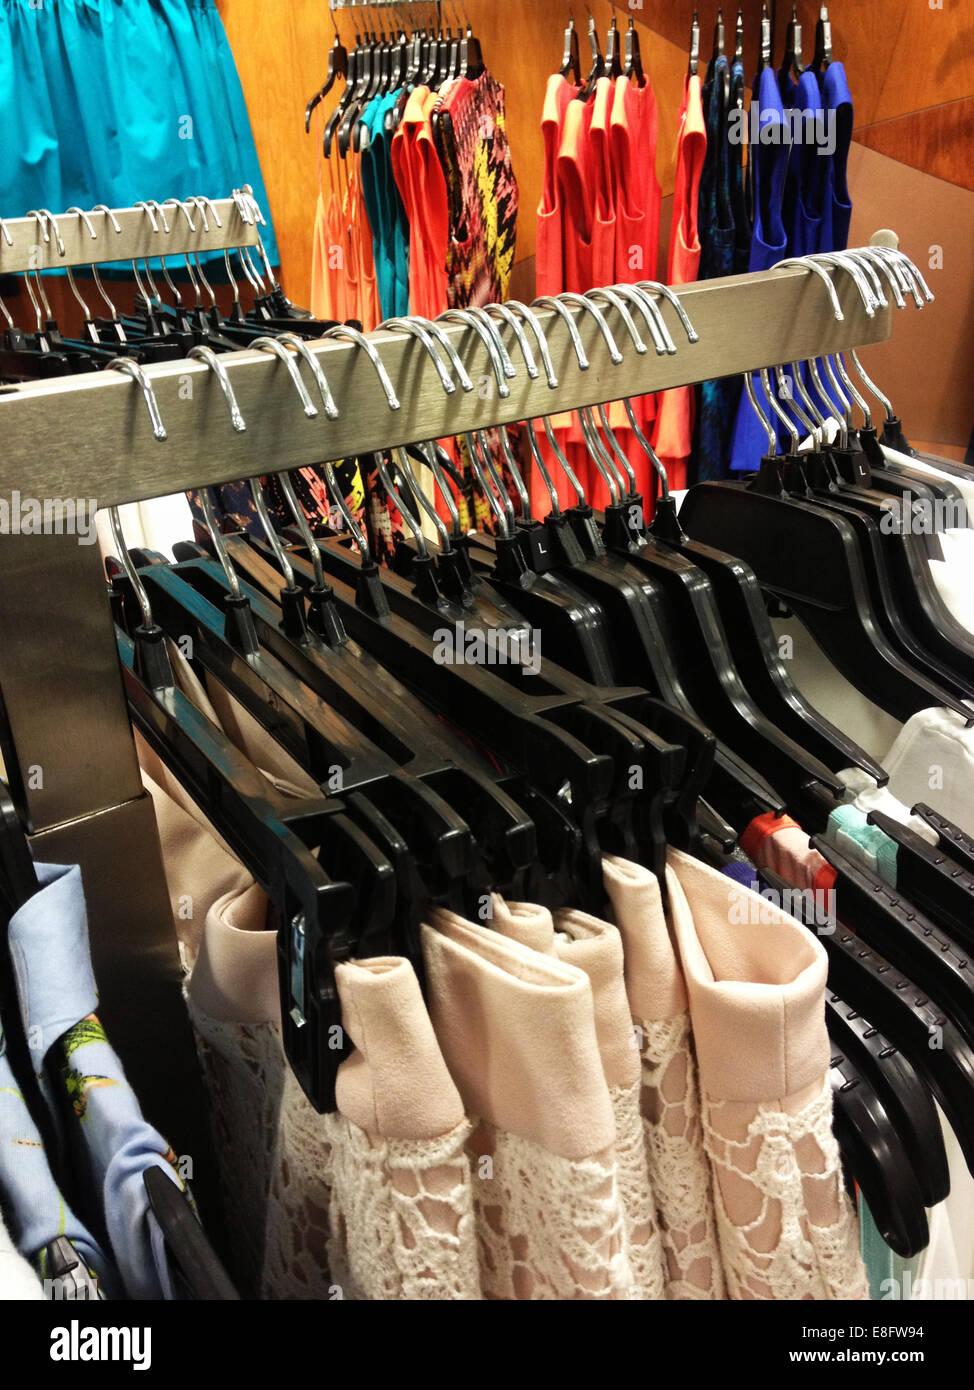 low priced 6d600 b0eeb Damen Bekleidung auf Kleiderstangen im shop Stockfoto, Bild ...